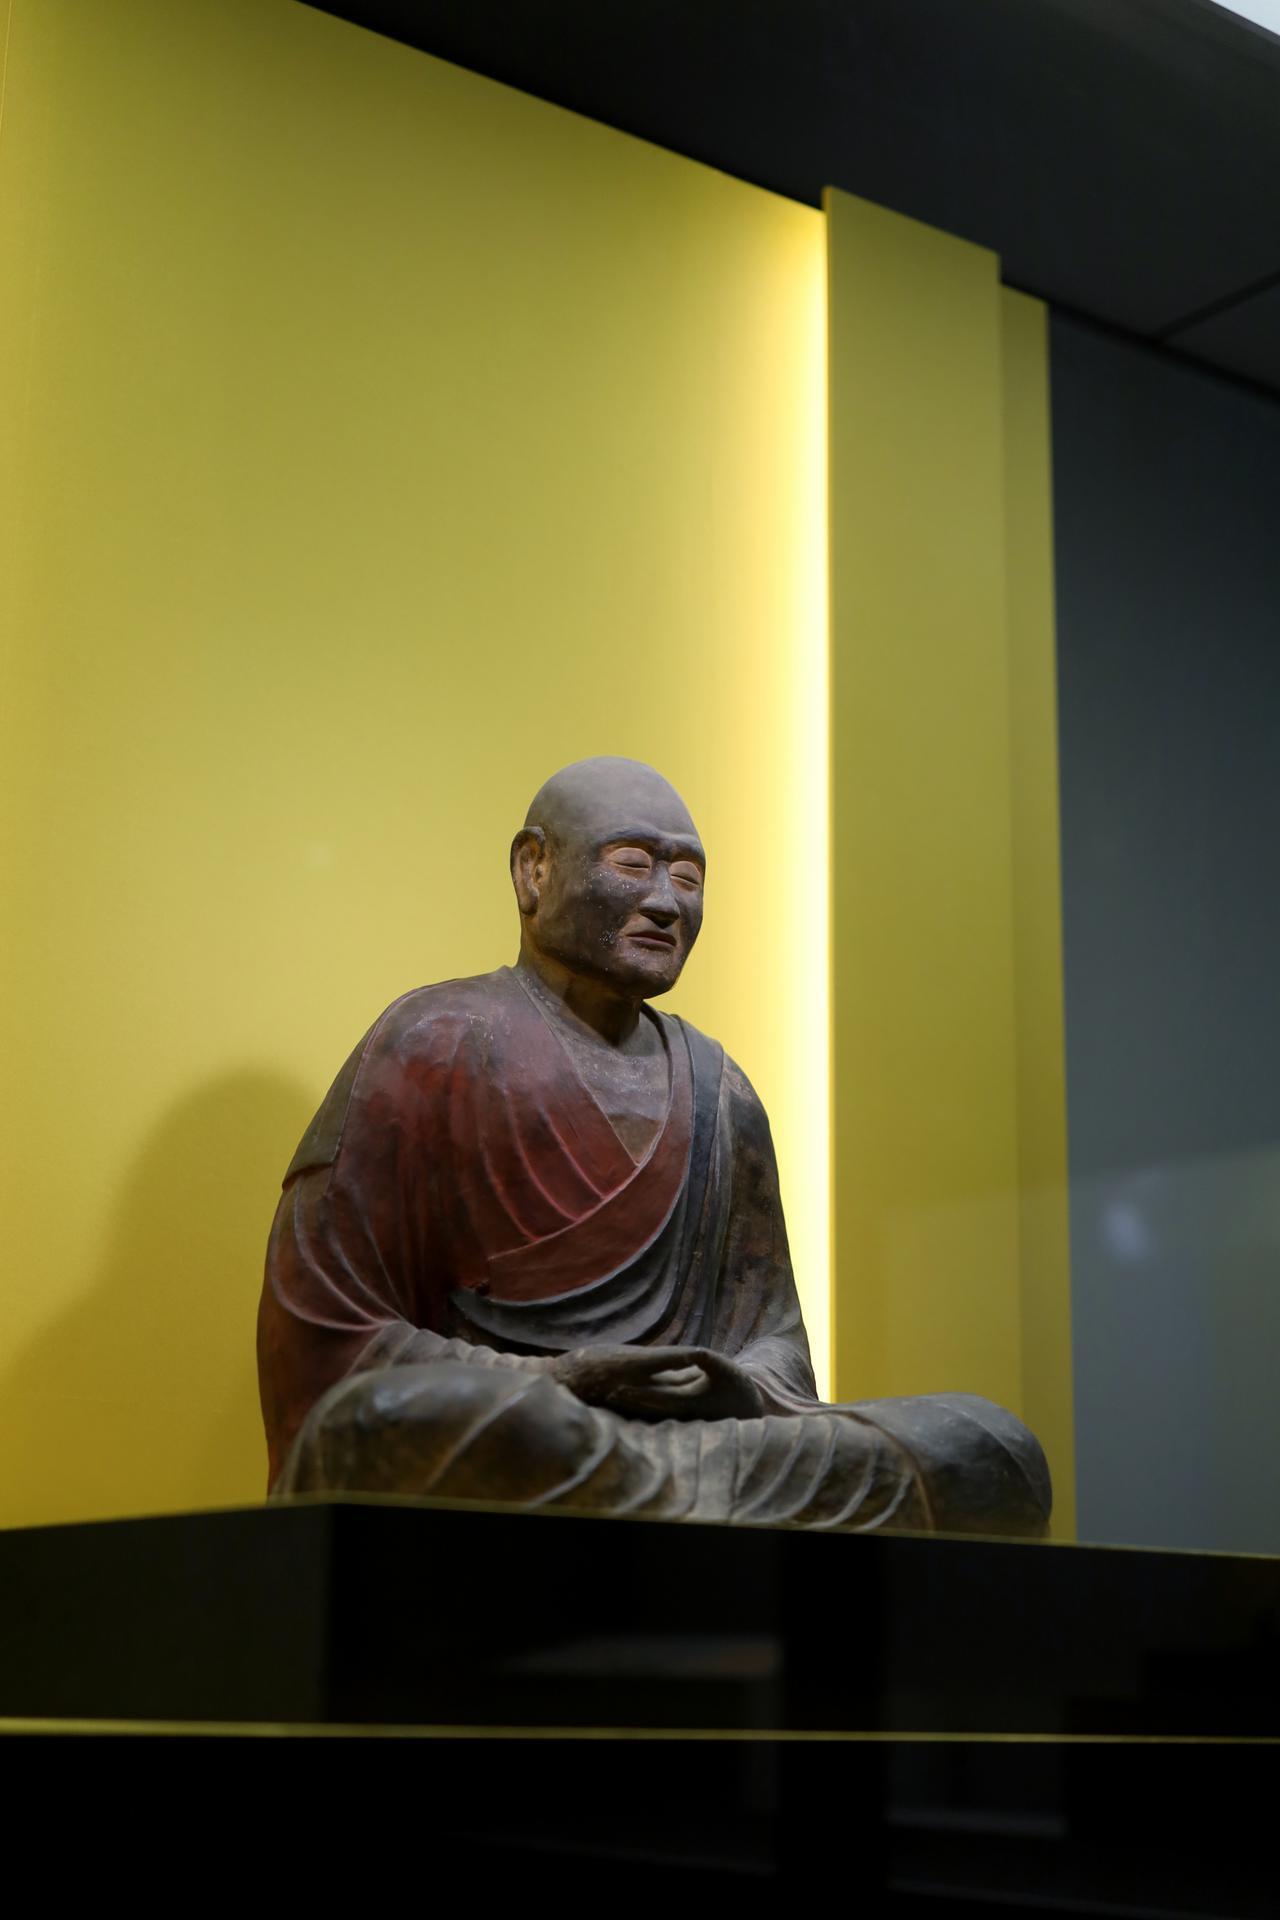 画像2: 鑑真和上坐像 奈良時代8世紀 奈良・唐招提寺 国宝